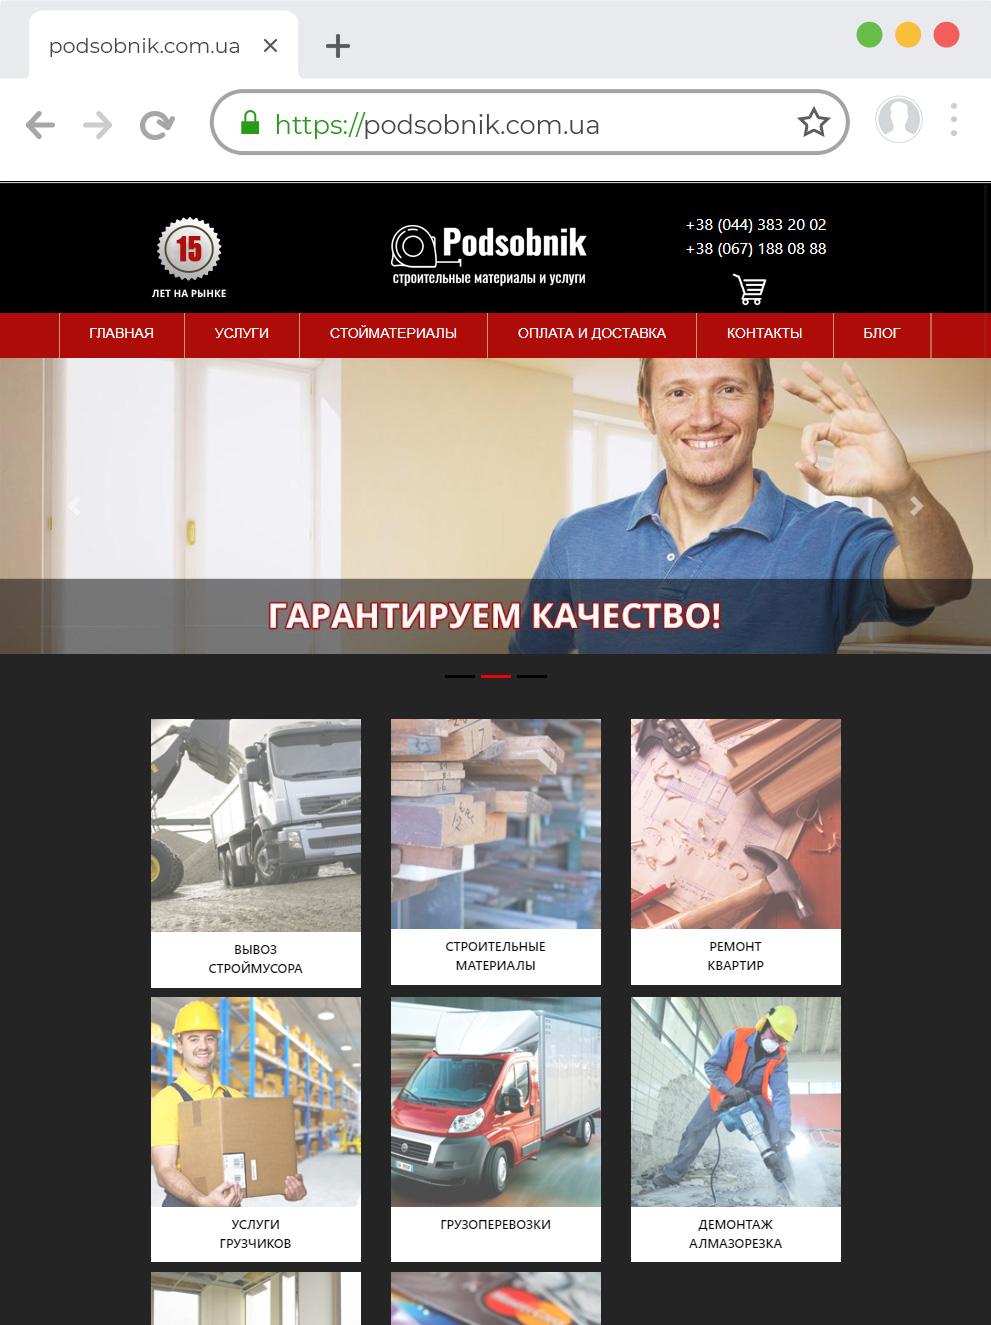 Доработка сайта на Drupal по ремонту квартир podsobnik.com.ua